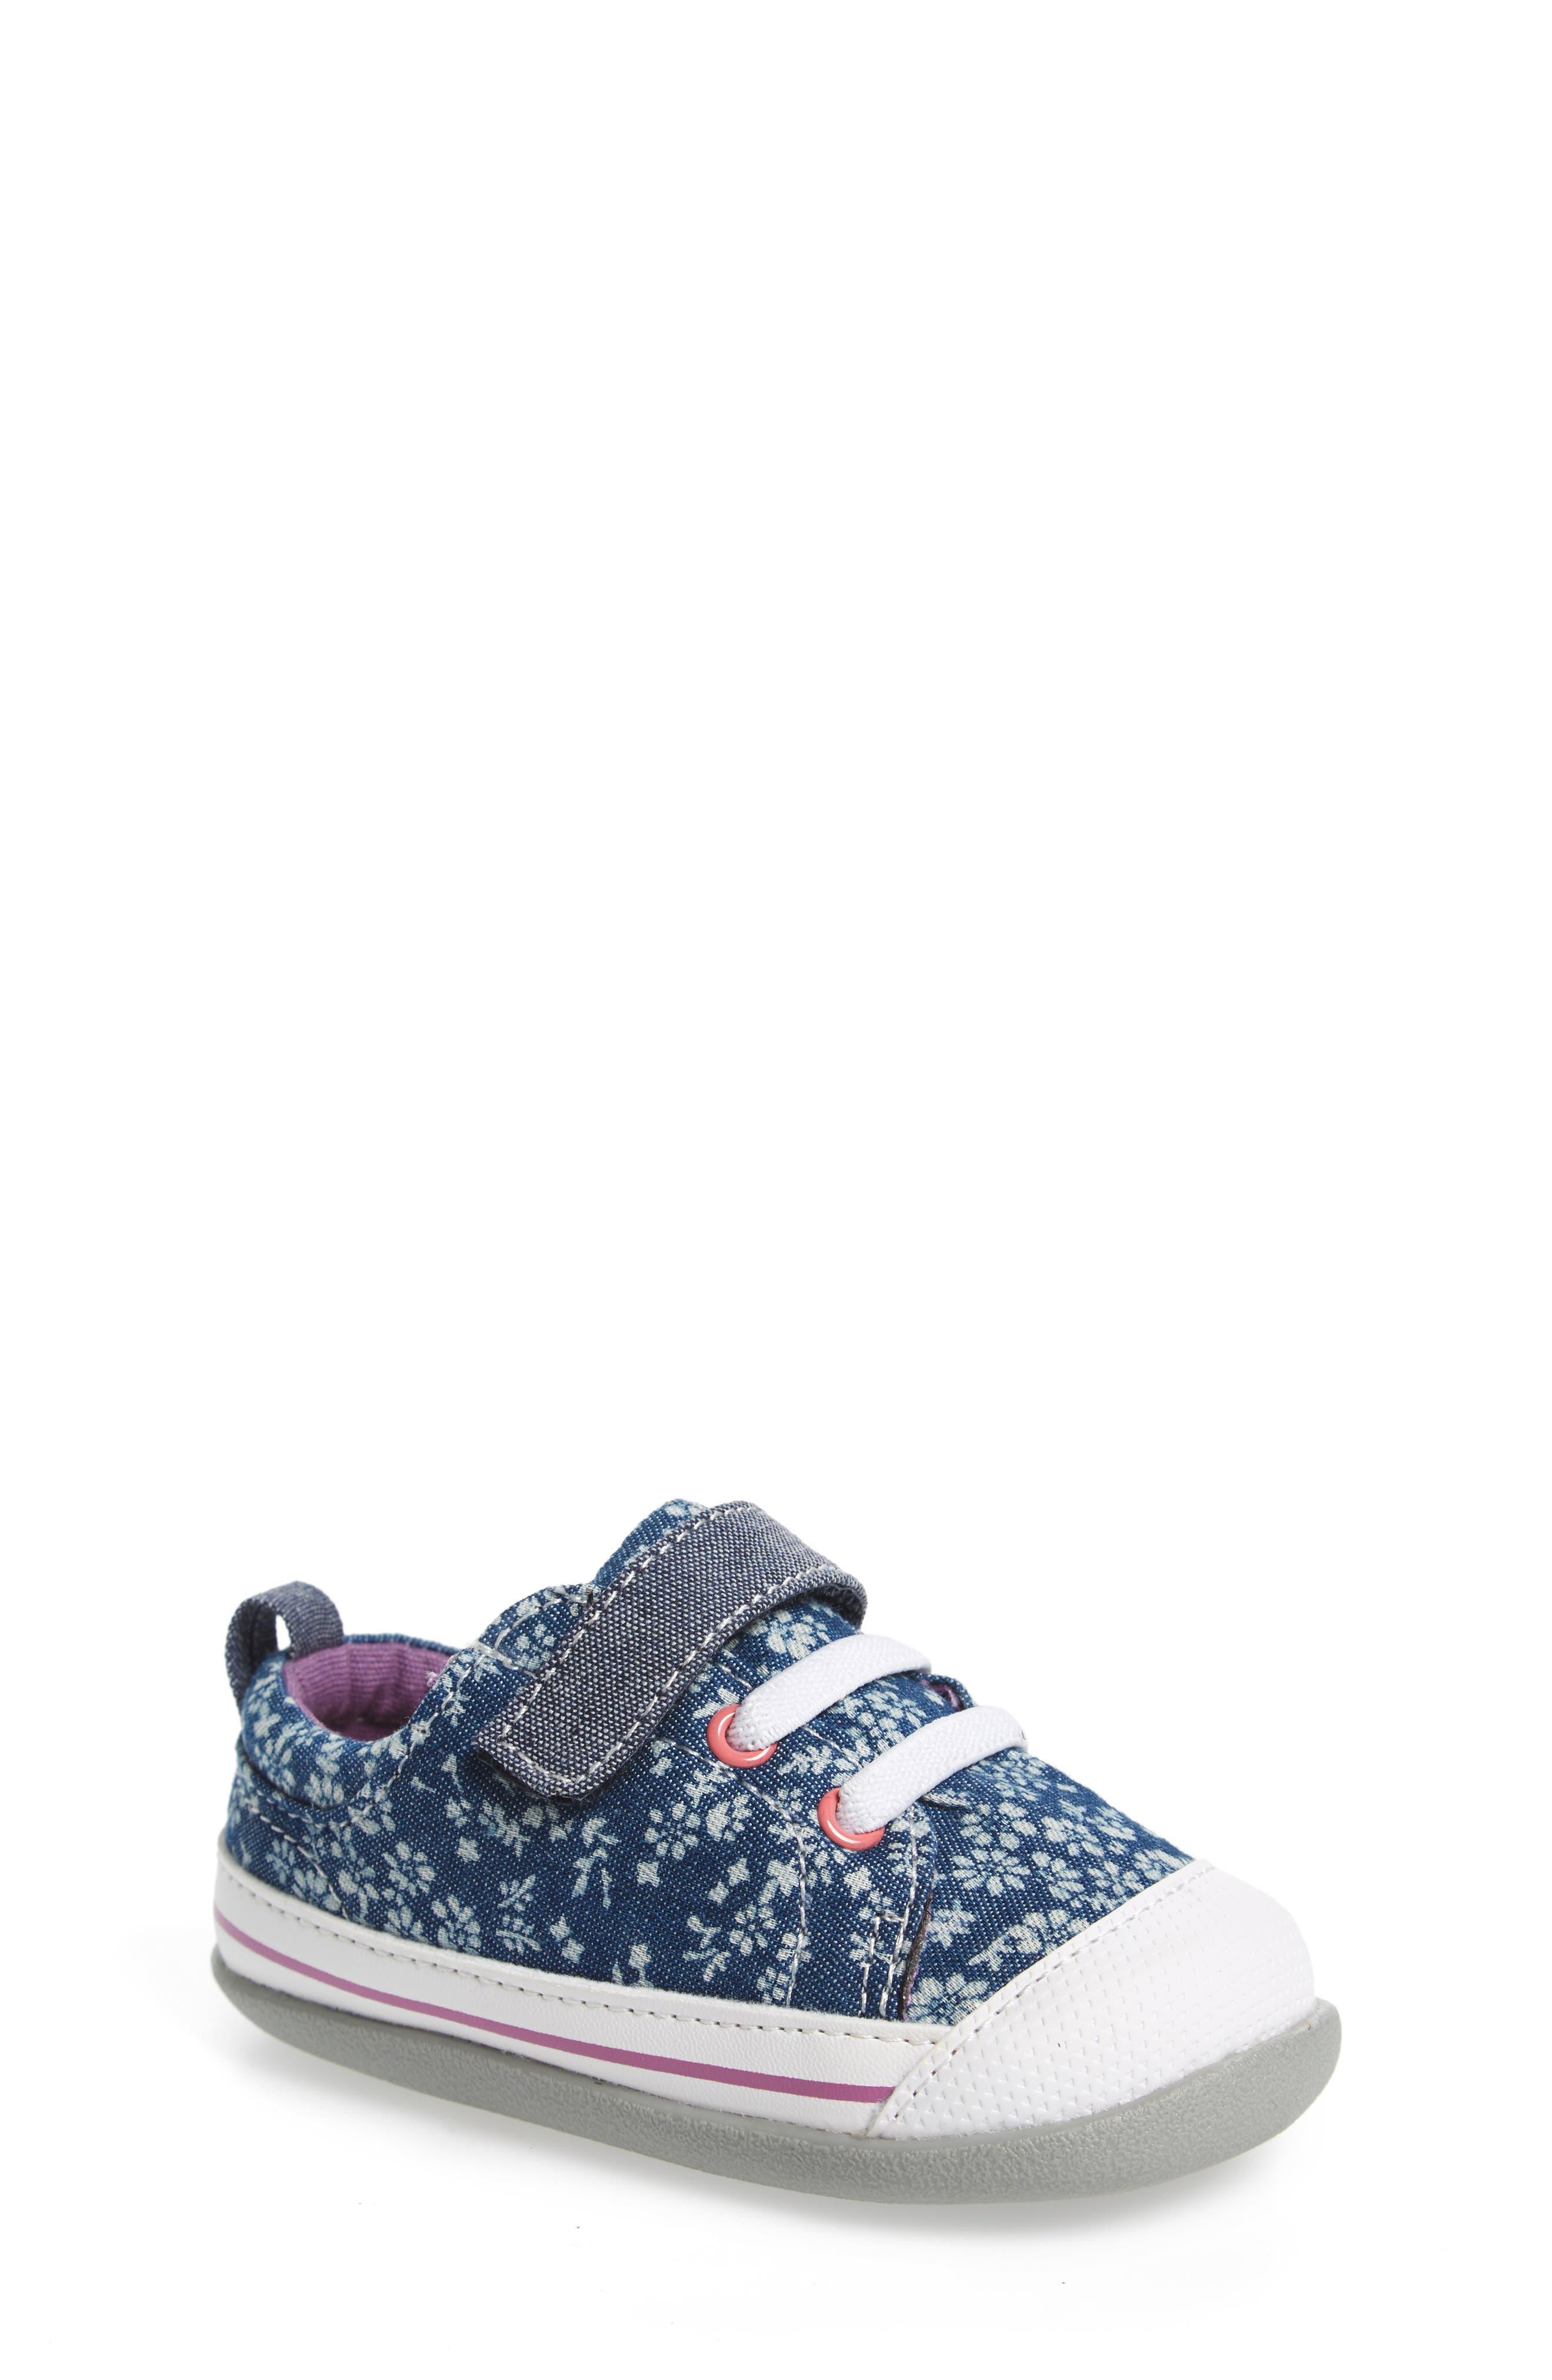 Stevie II Sneaker,                         Main,                         color, BLUE FLOWERS